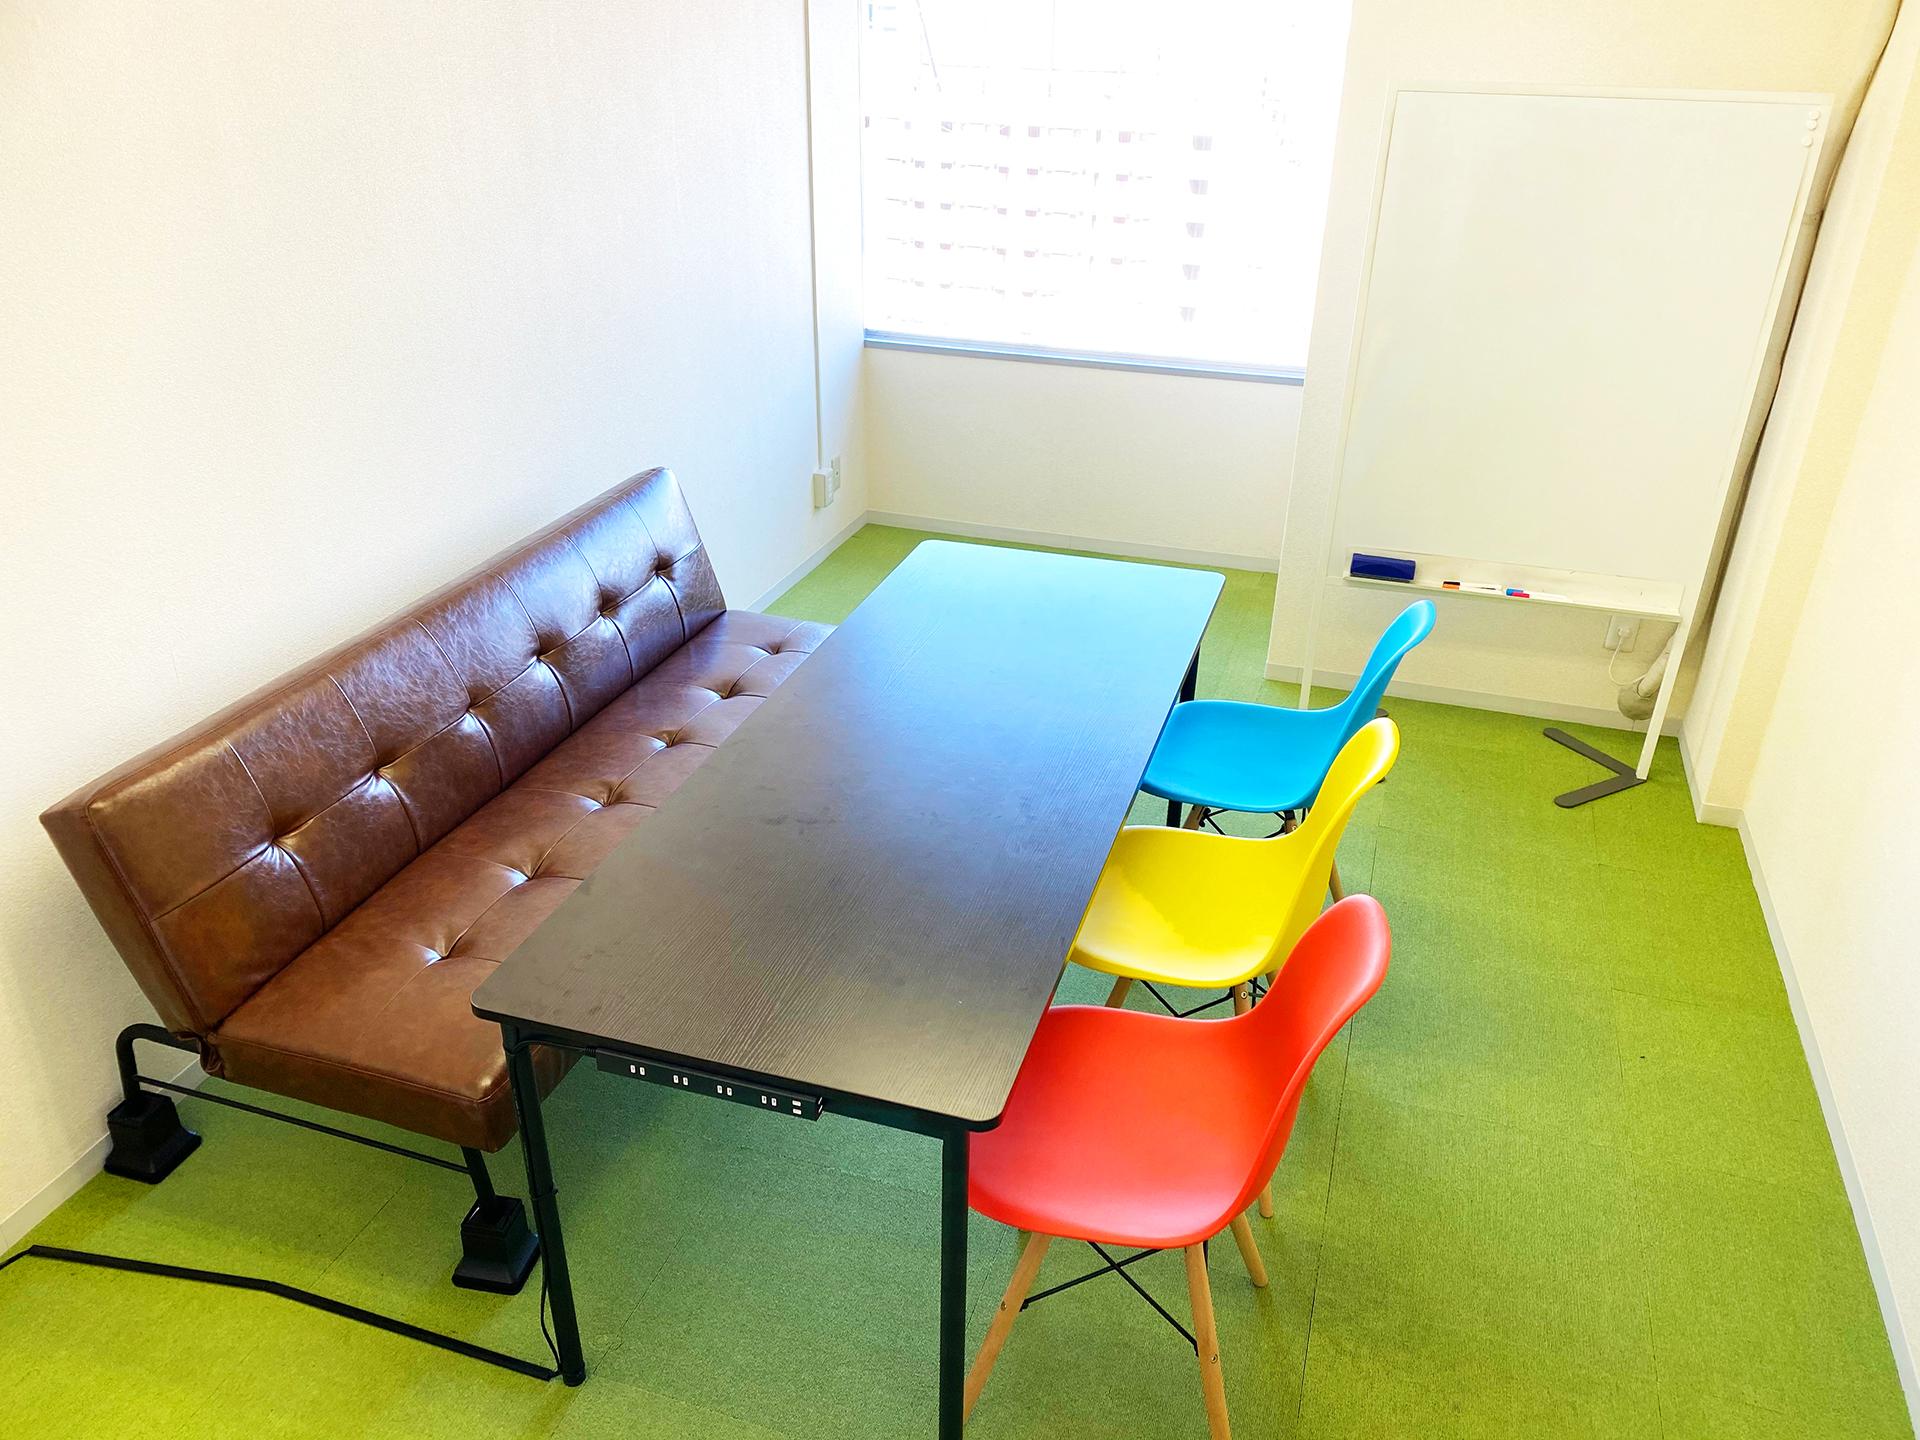 3人掛けソファーと椅子3脚 - アップスペース渋谷道玄坂 📌レンタルスペース📌貸会議室の室内の写真